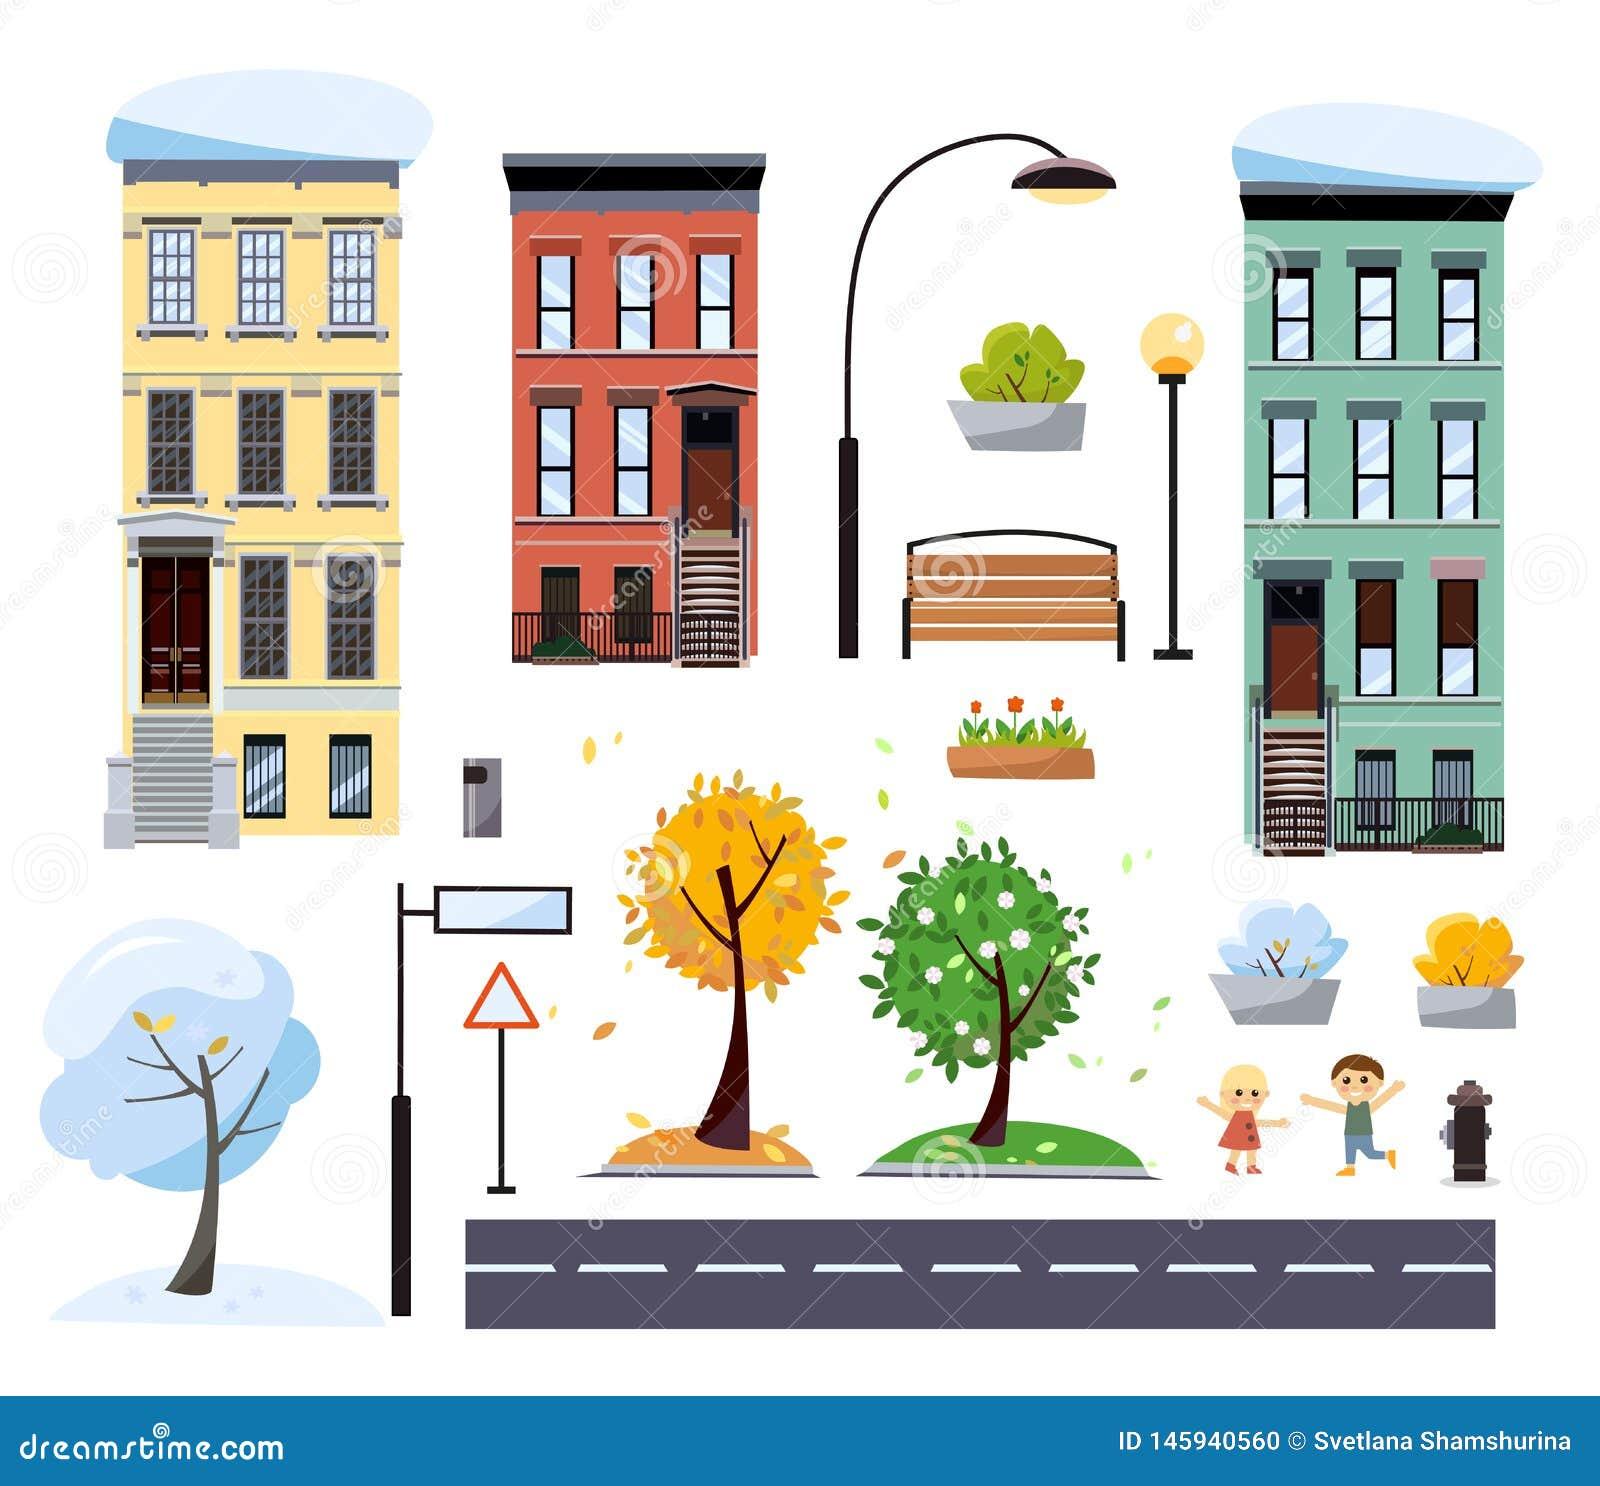 Επίπεδα κινούμενων σχεδίων σπίτια πόλεων δύο-ιστορίας ύφους διανυσματικά, οδός με το δρόμο, δέντρα, πάγκος, οδικά σημάδια, φανάρι